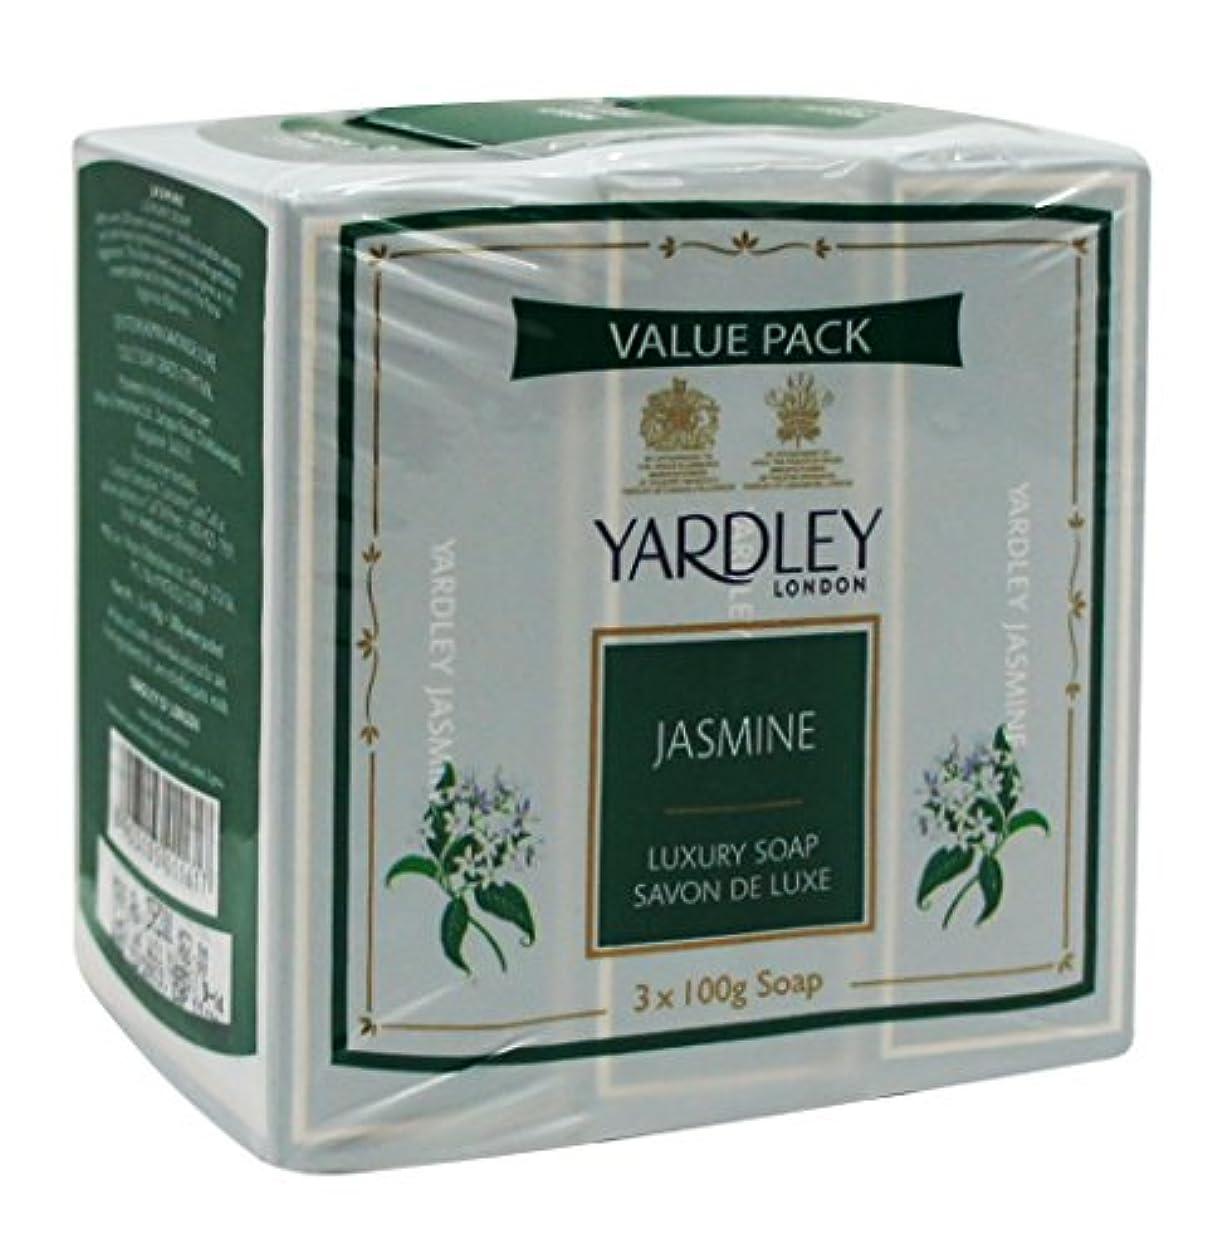 特派員聖人スイYardley London Value Pack Luxury Soap 3x100g Jasmine by Yardley